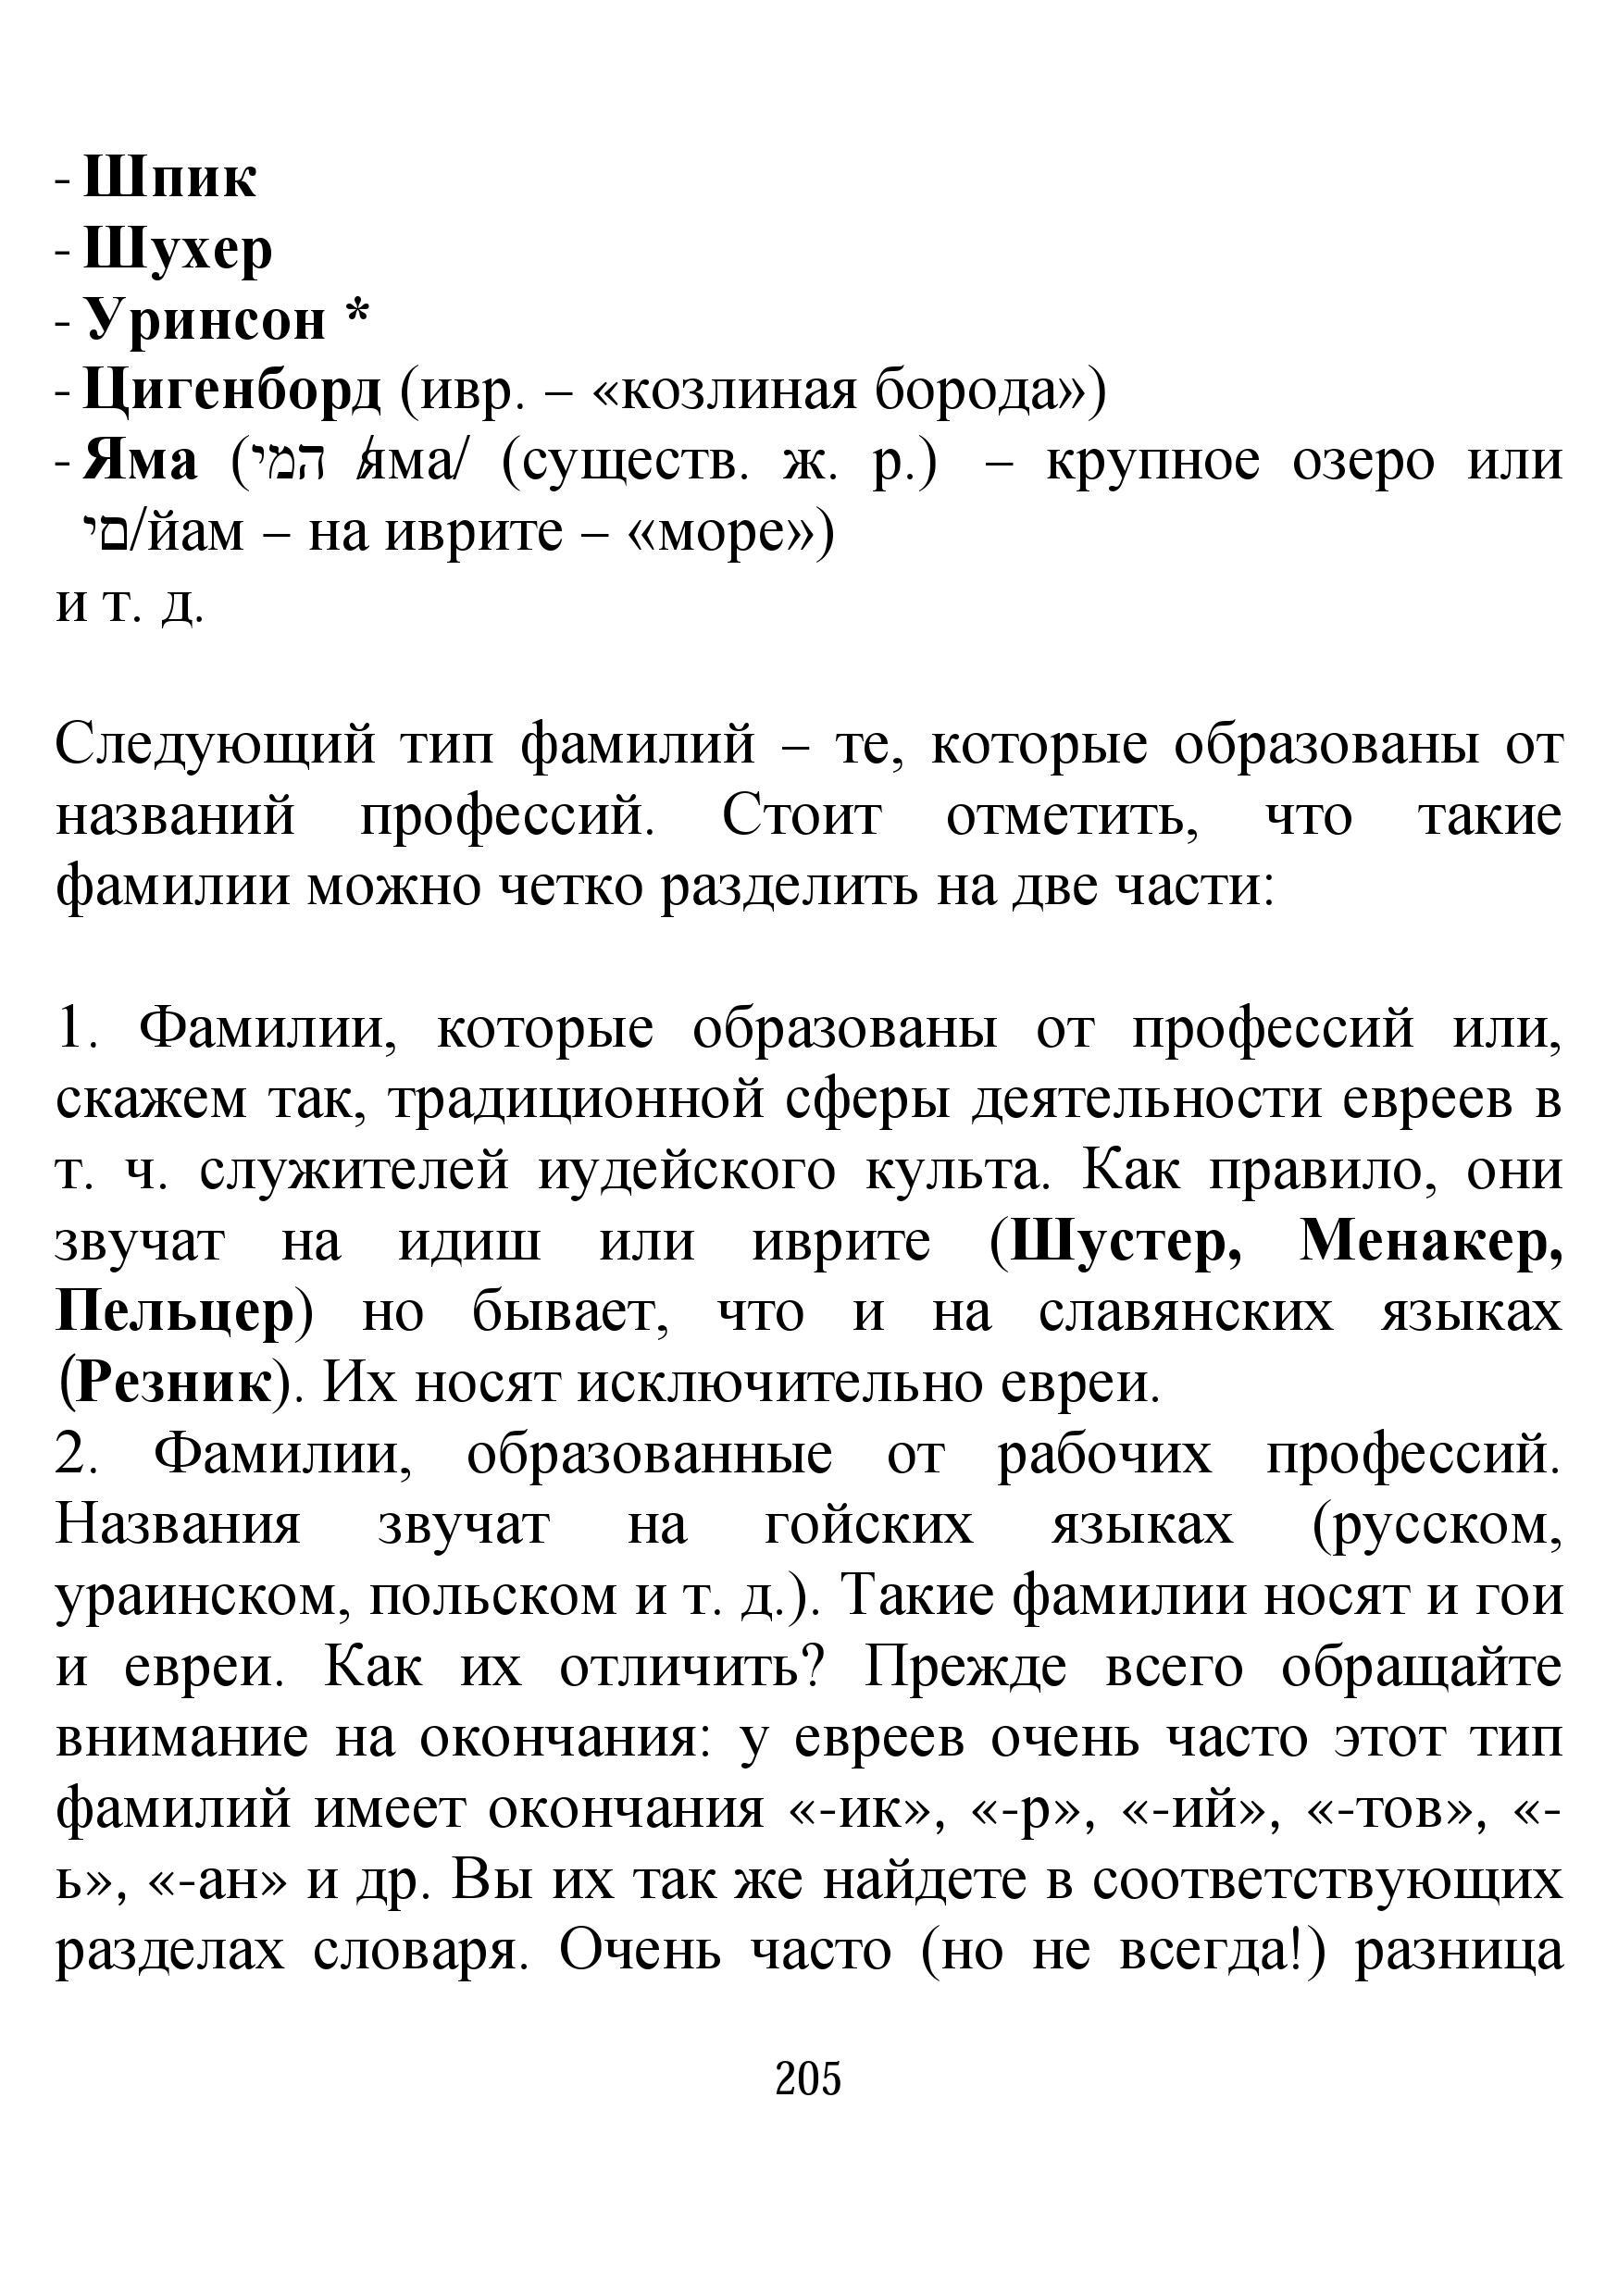 http://s6.uploads.ru/Yxsqj.jpg